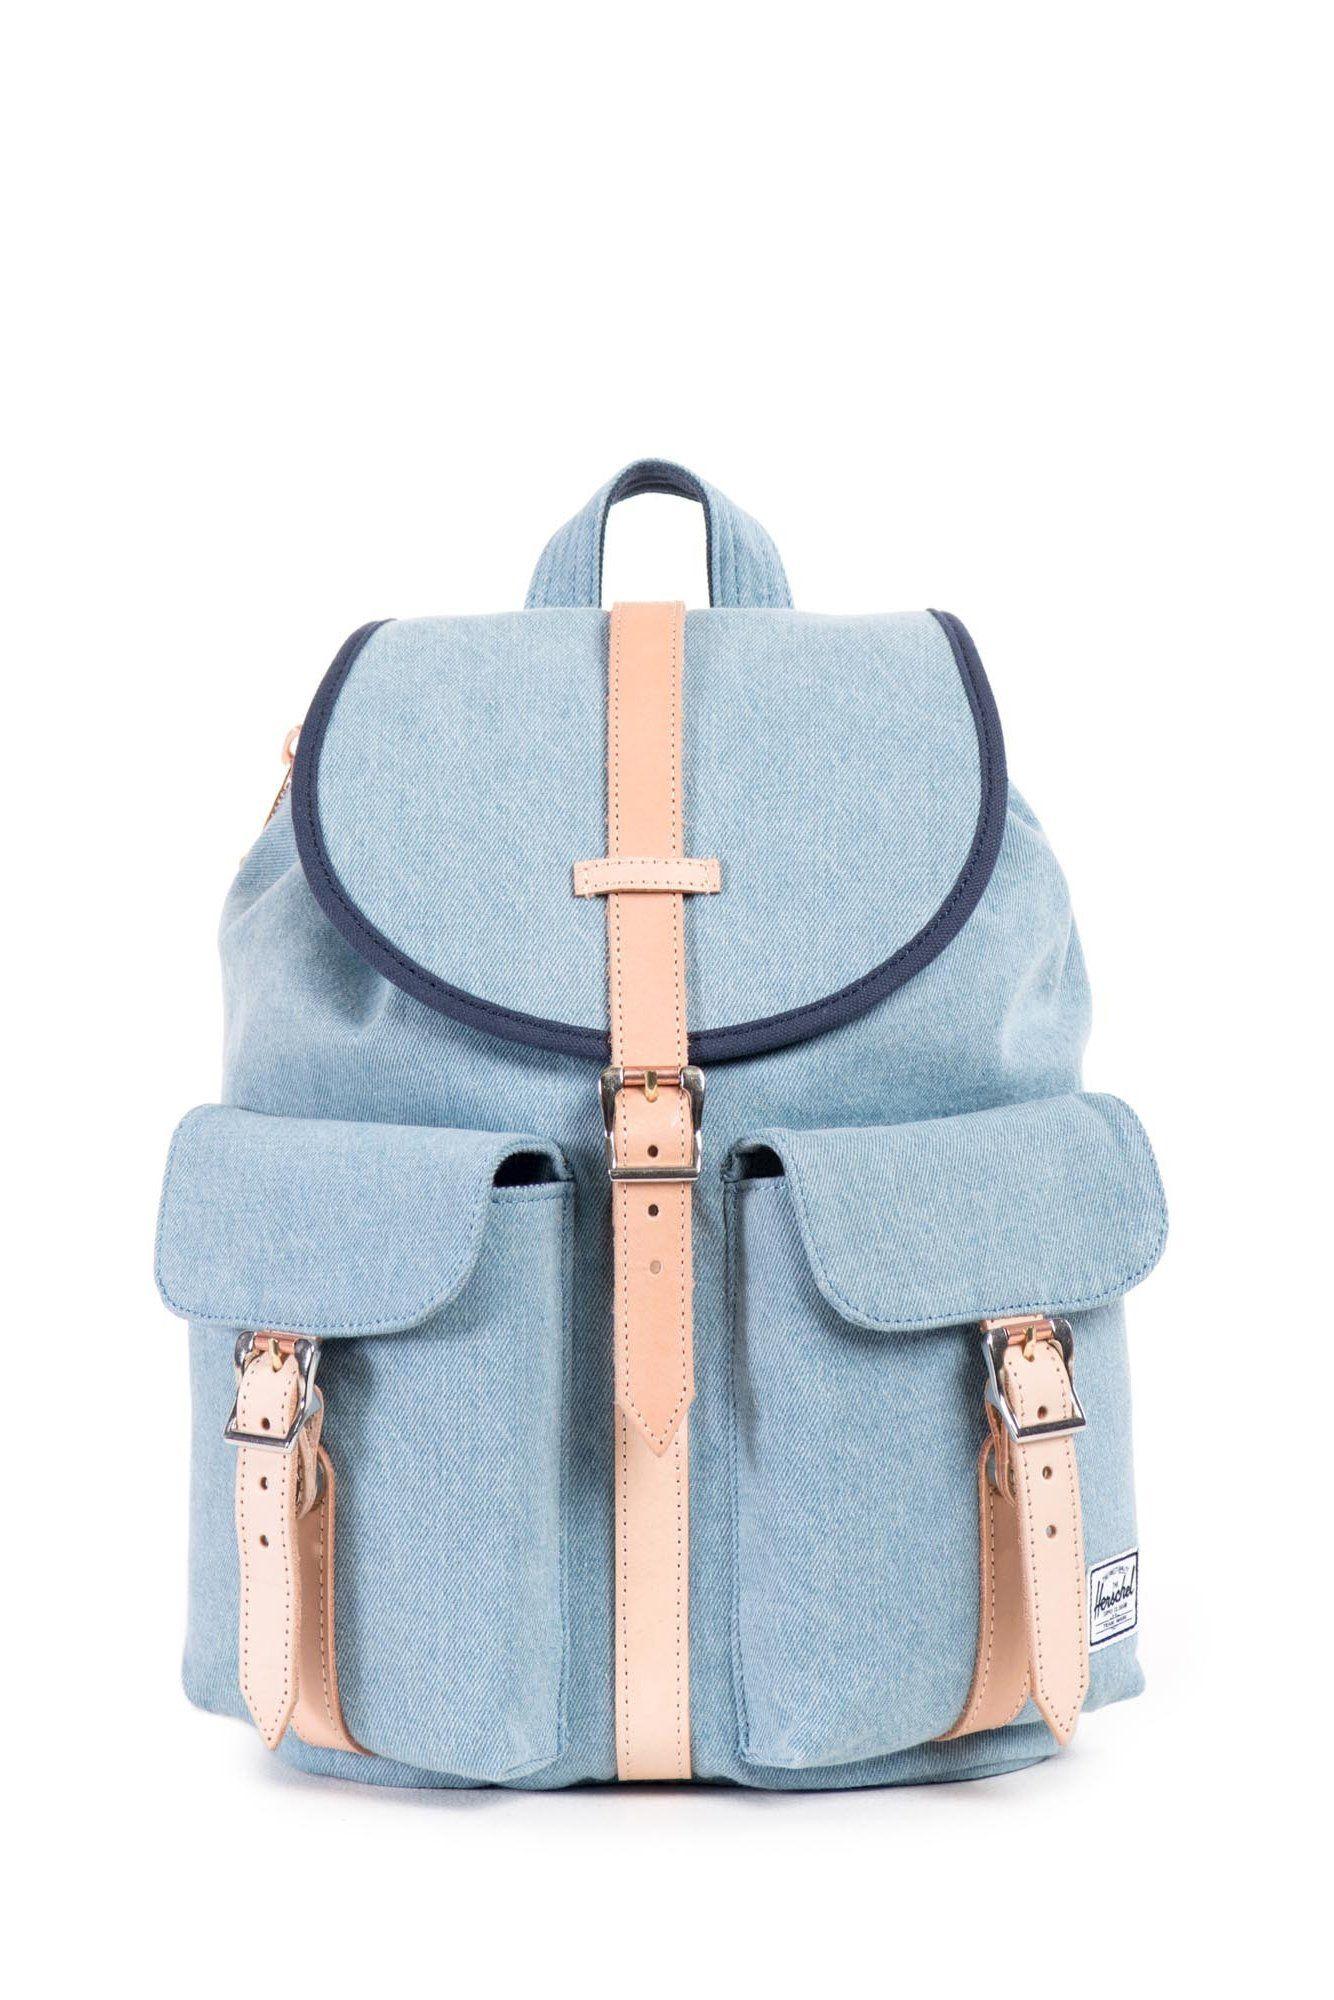 24 trendy backtoschool backpacks trendy backpacks